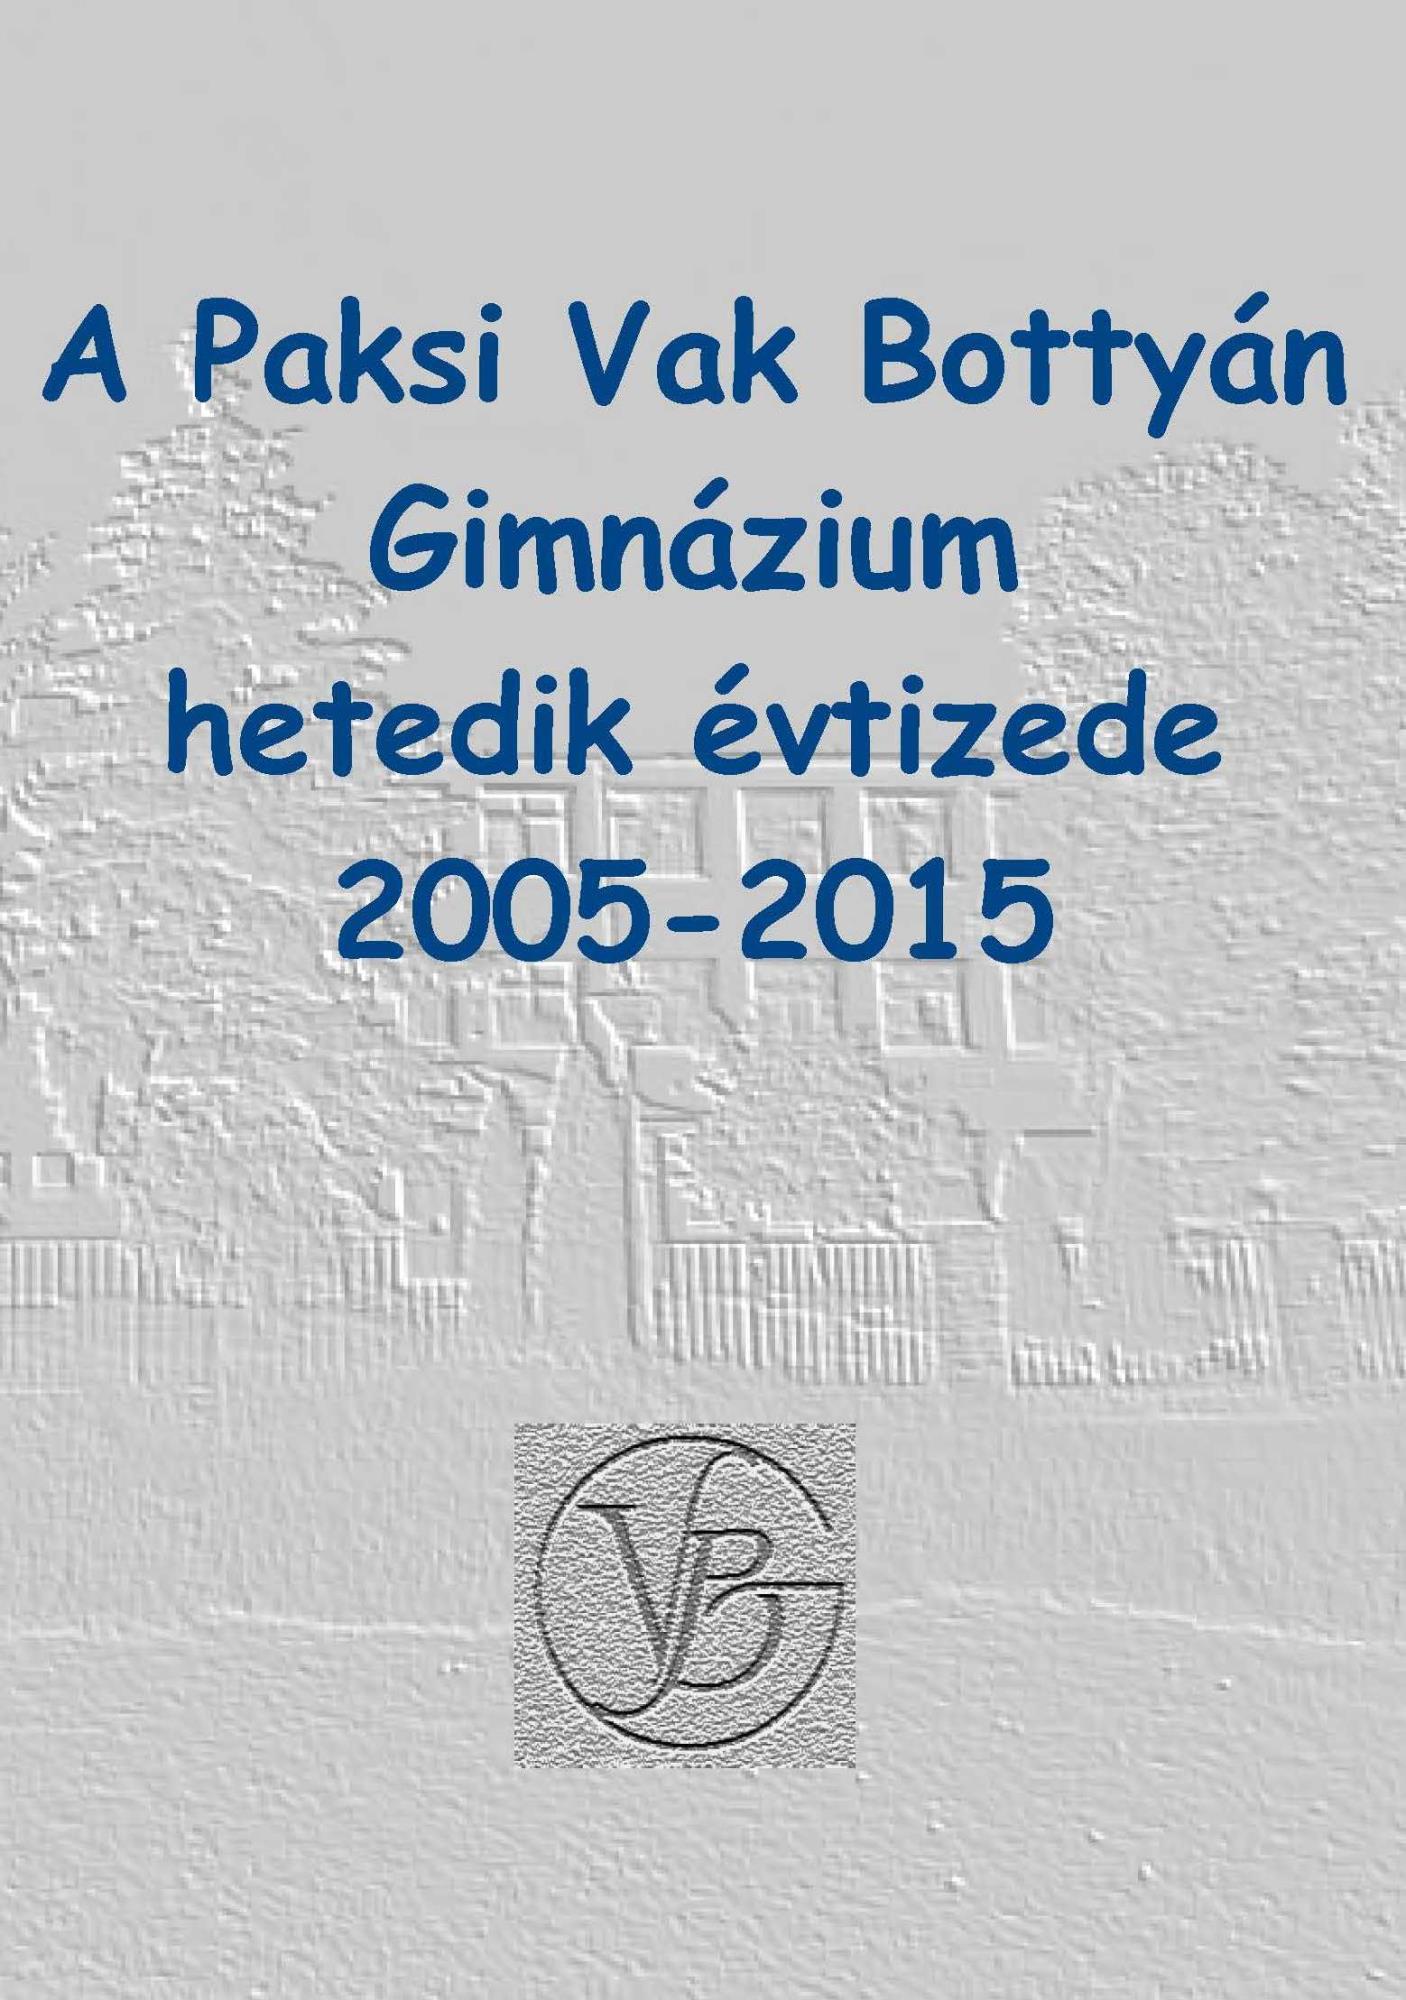 A Paksi Vak Bottyán Gimnázium hetedik évtizede 2005 - 2015